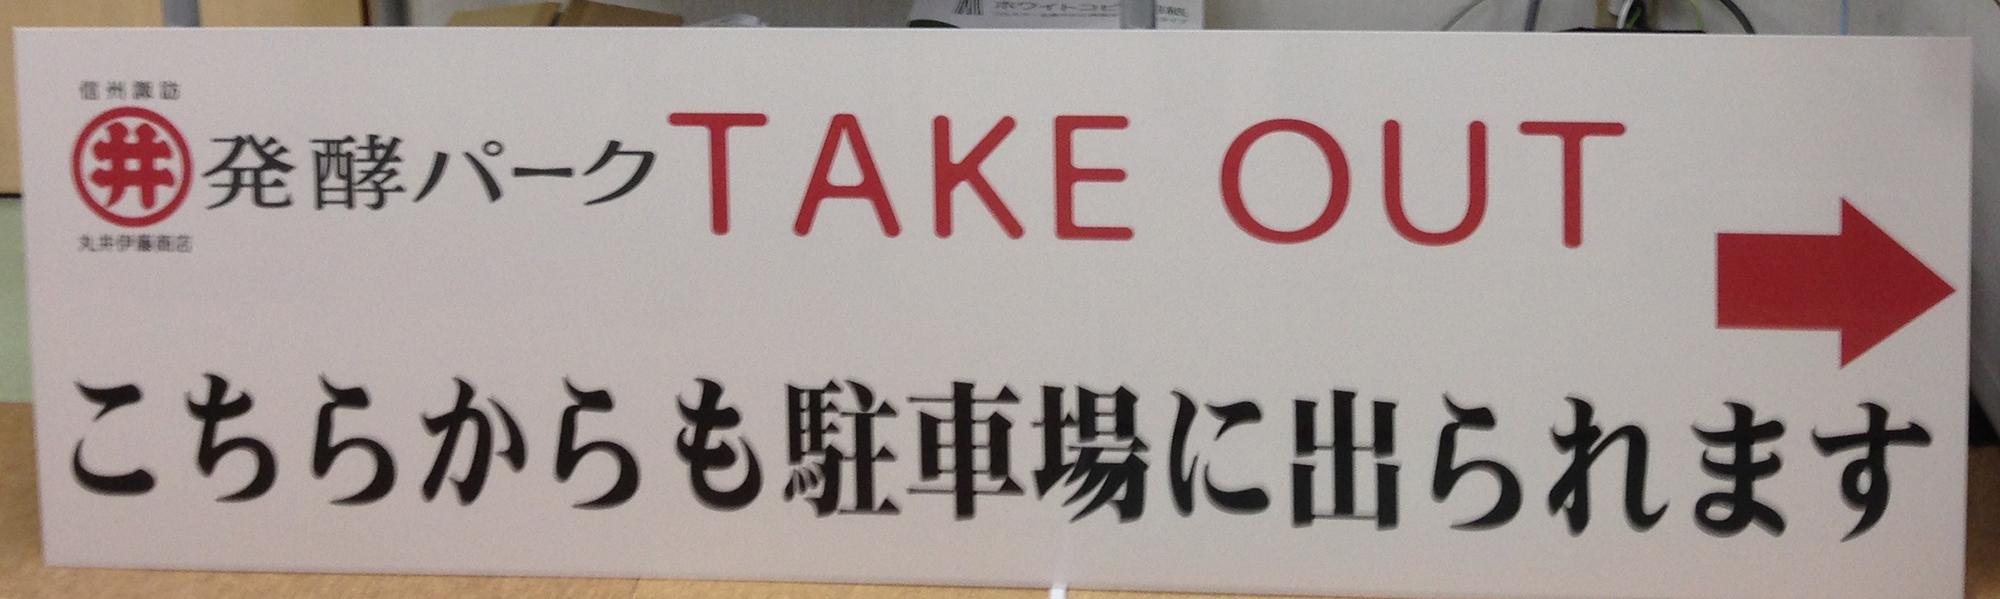 発酵パーク様案内看板できました。